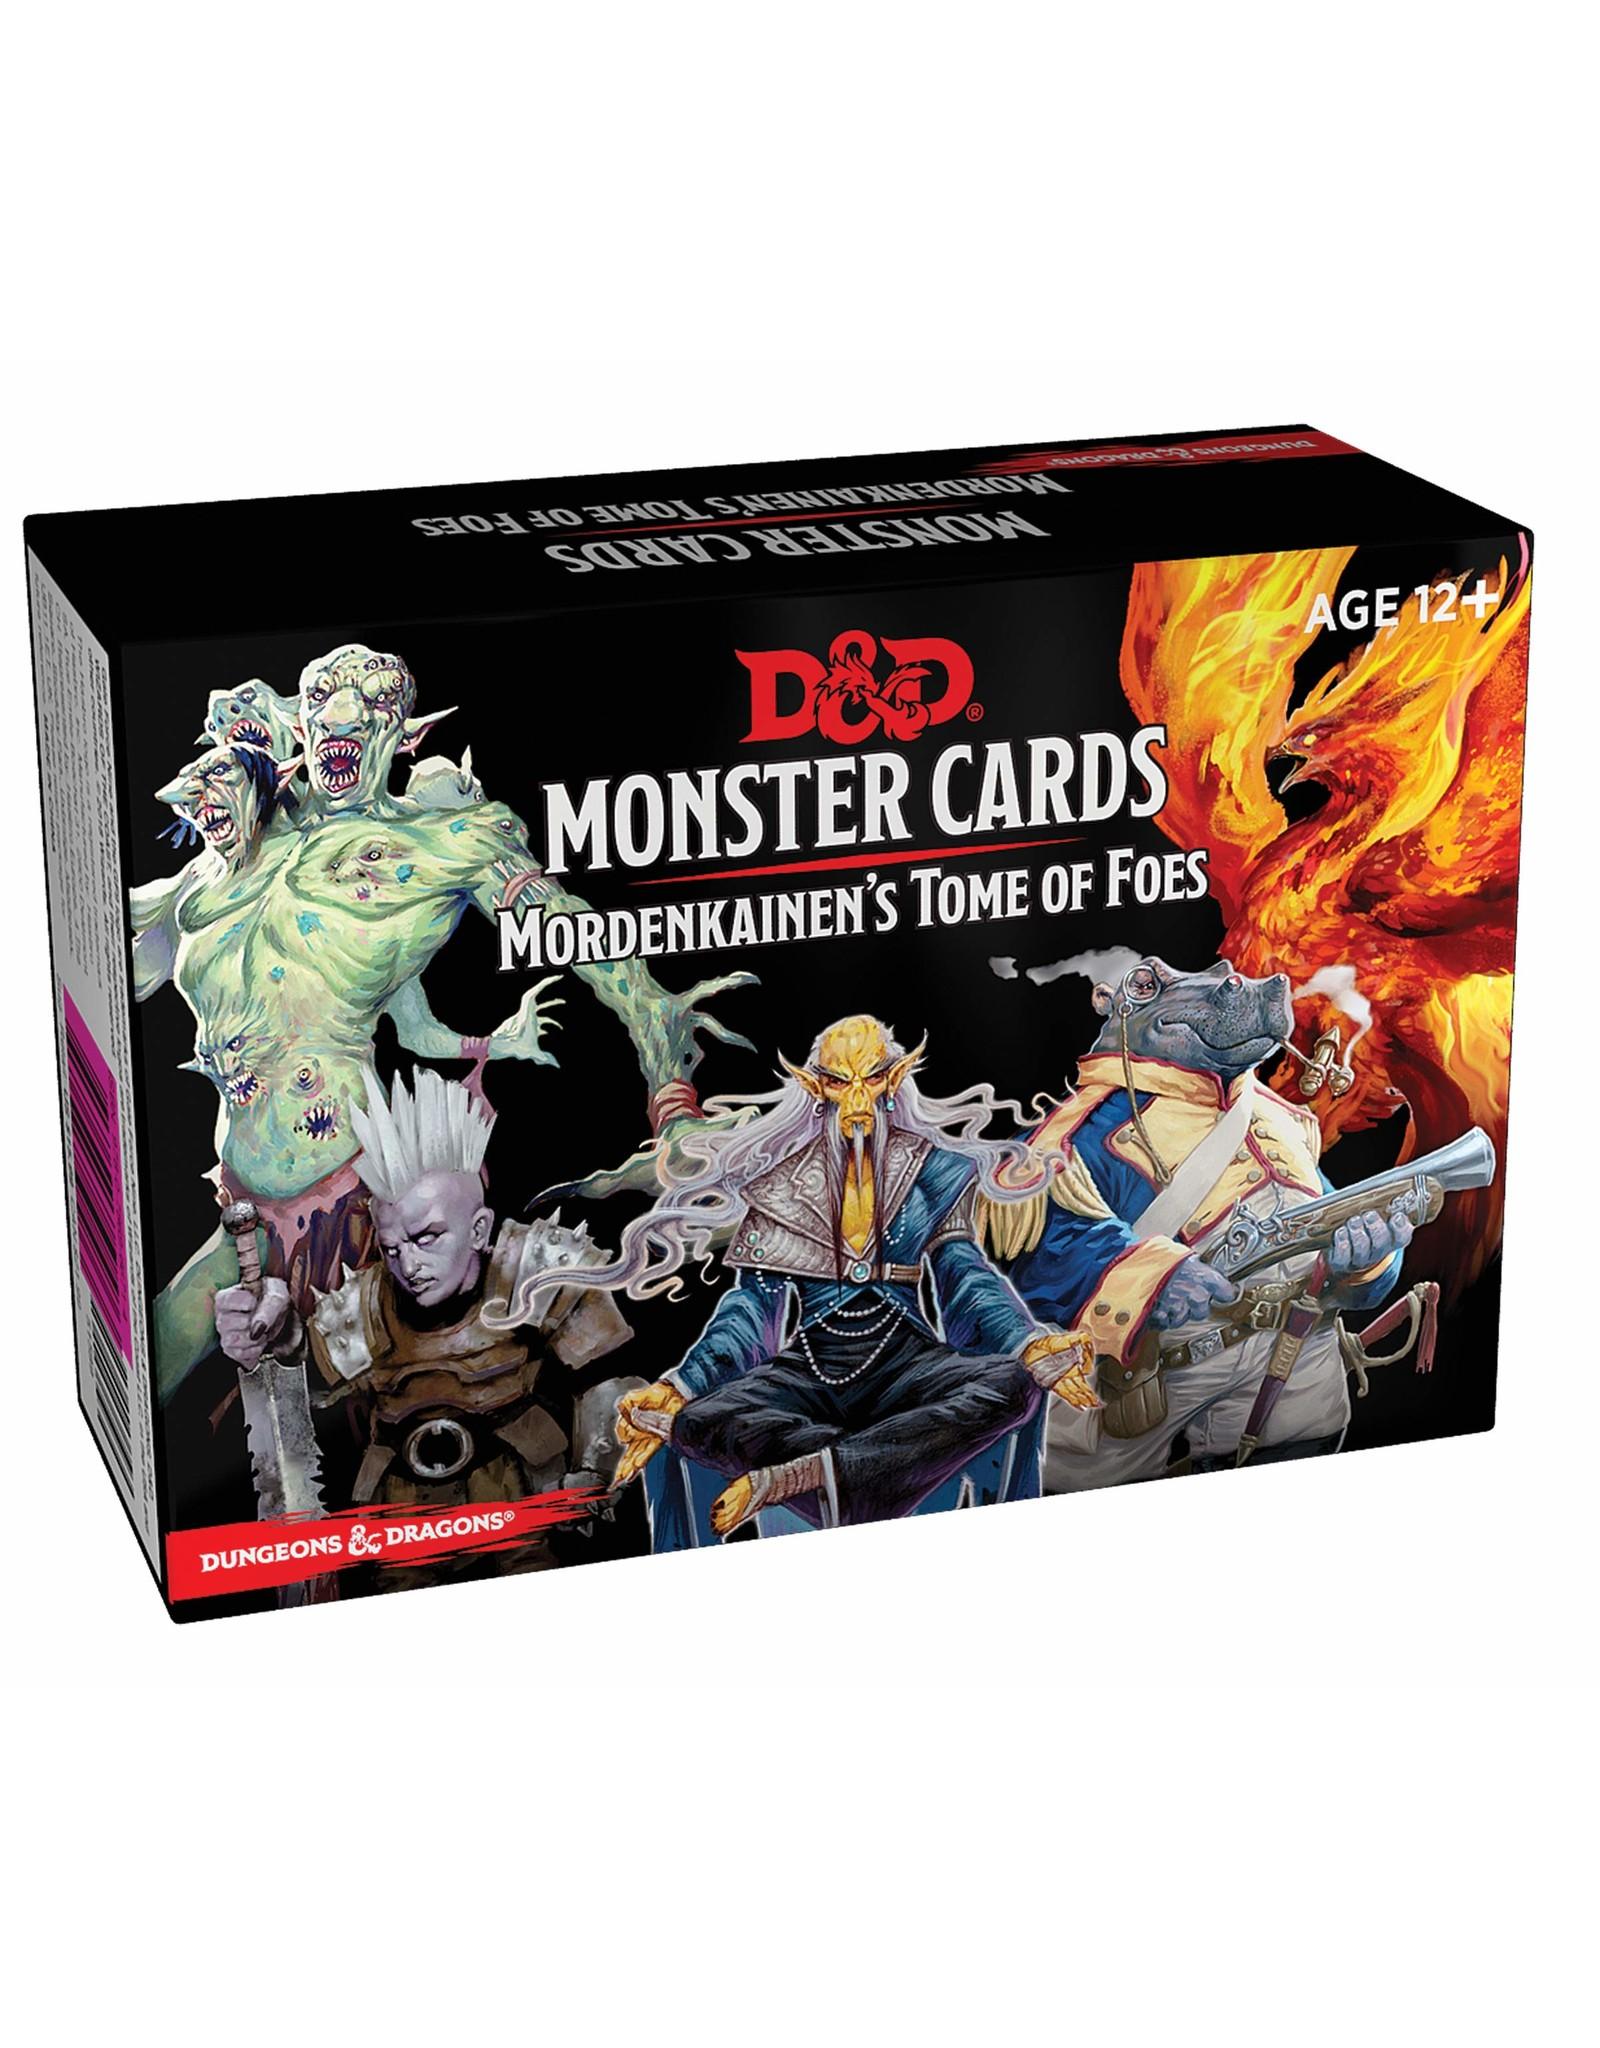 D&D Mordenkainens Monster Cards